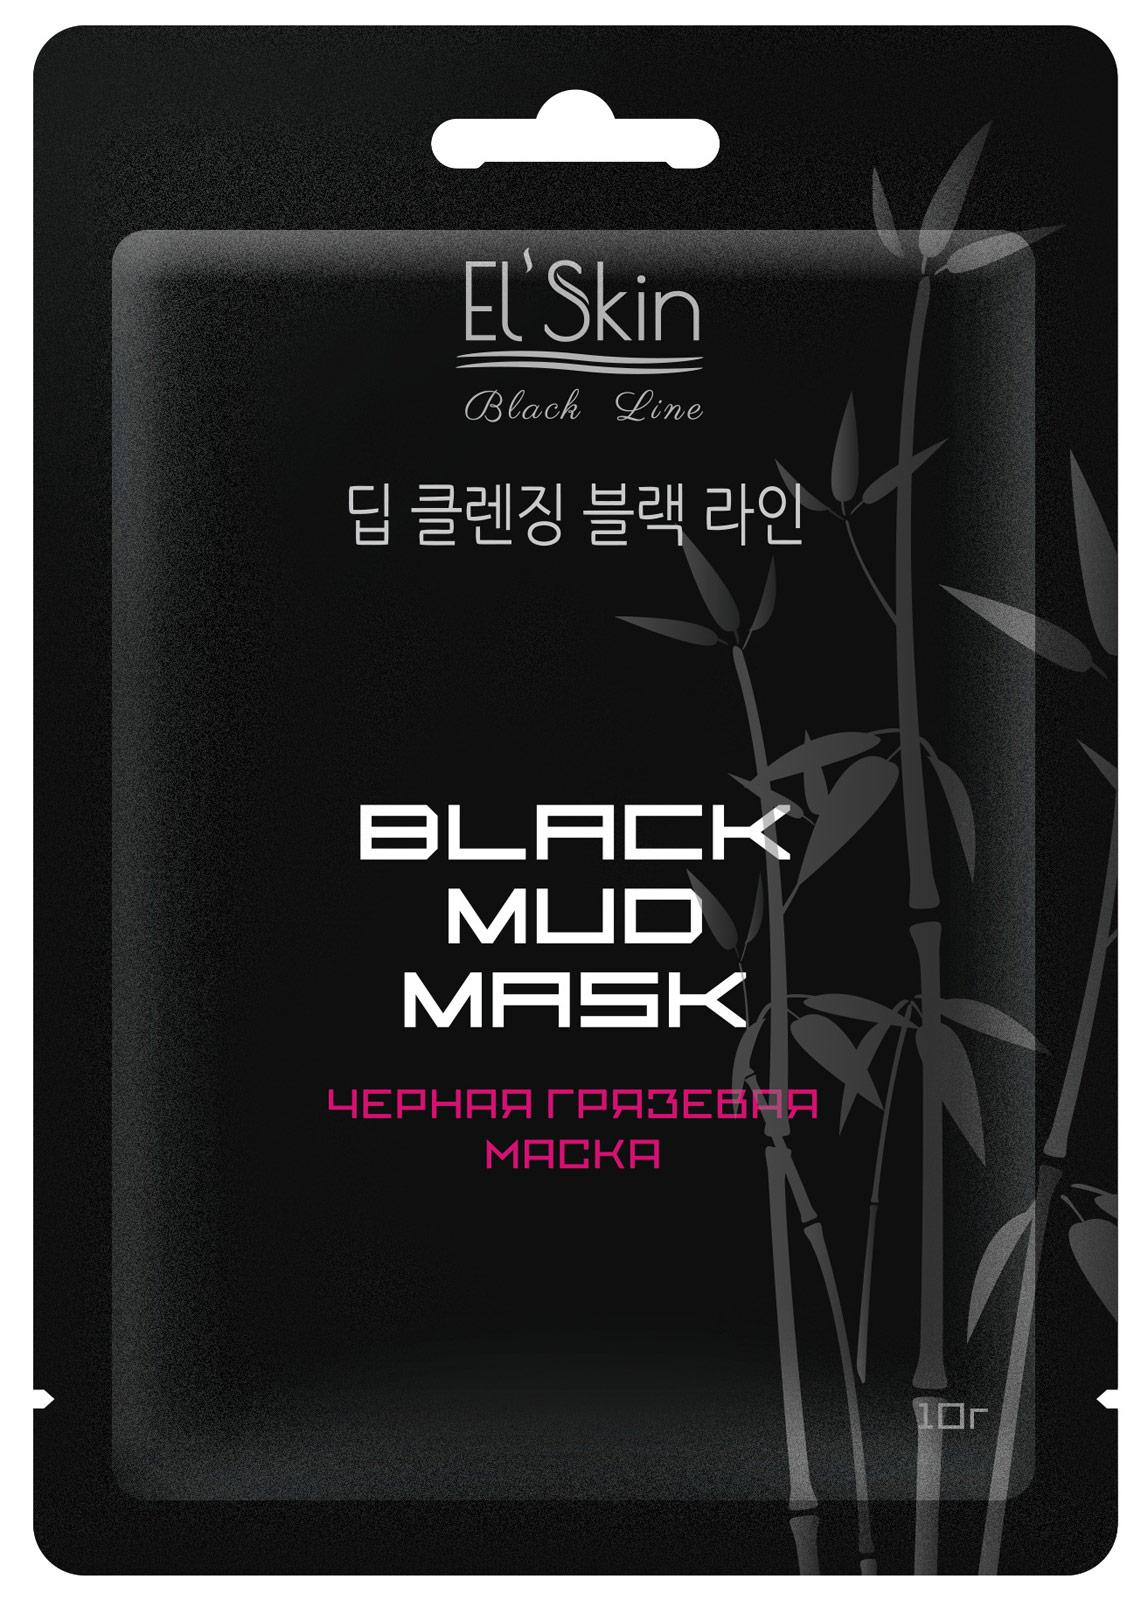 El'Skin Черная грязевая маска, 10 г косметические маски spa pharma грязевая маска для нормальной и жирной кожи